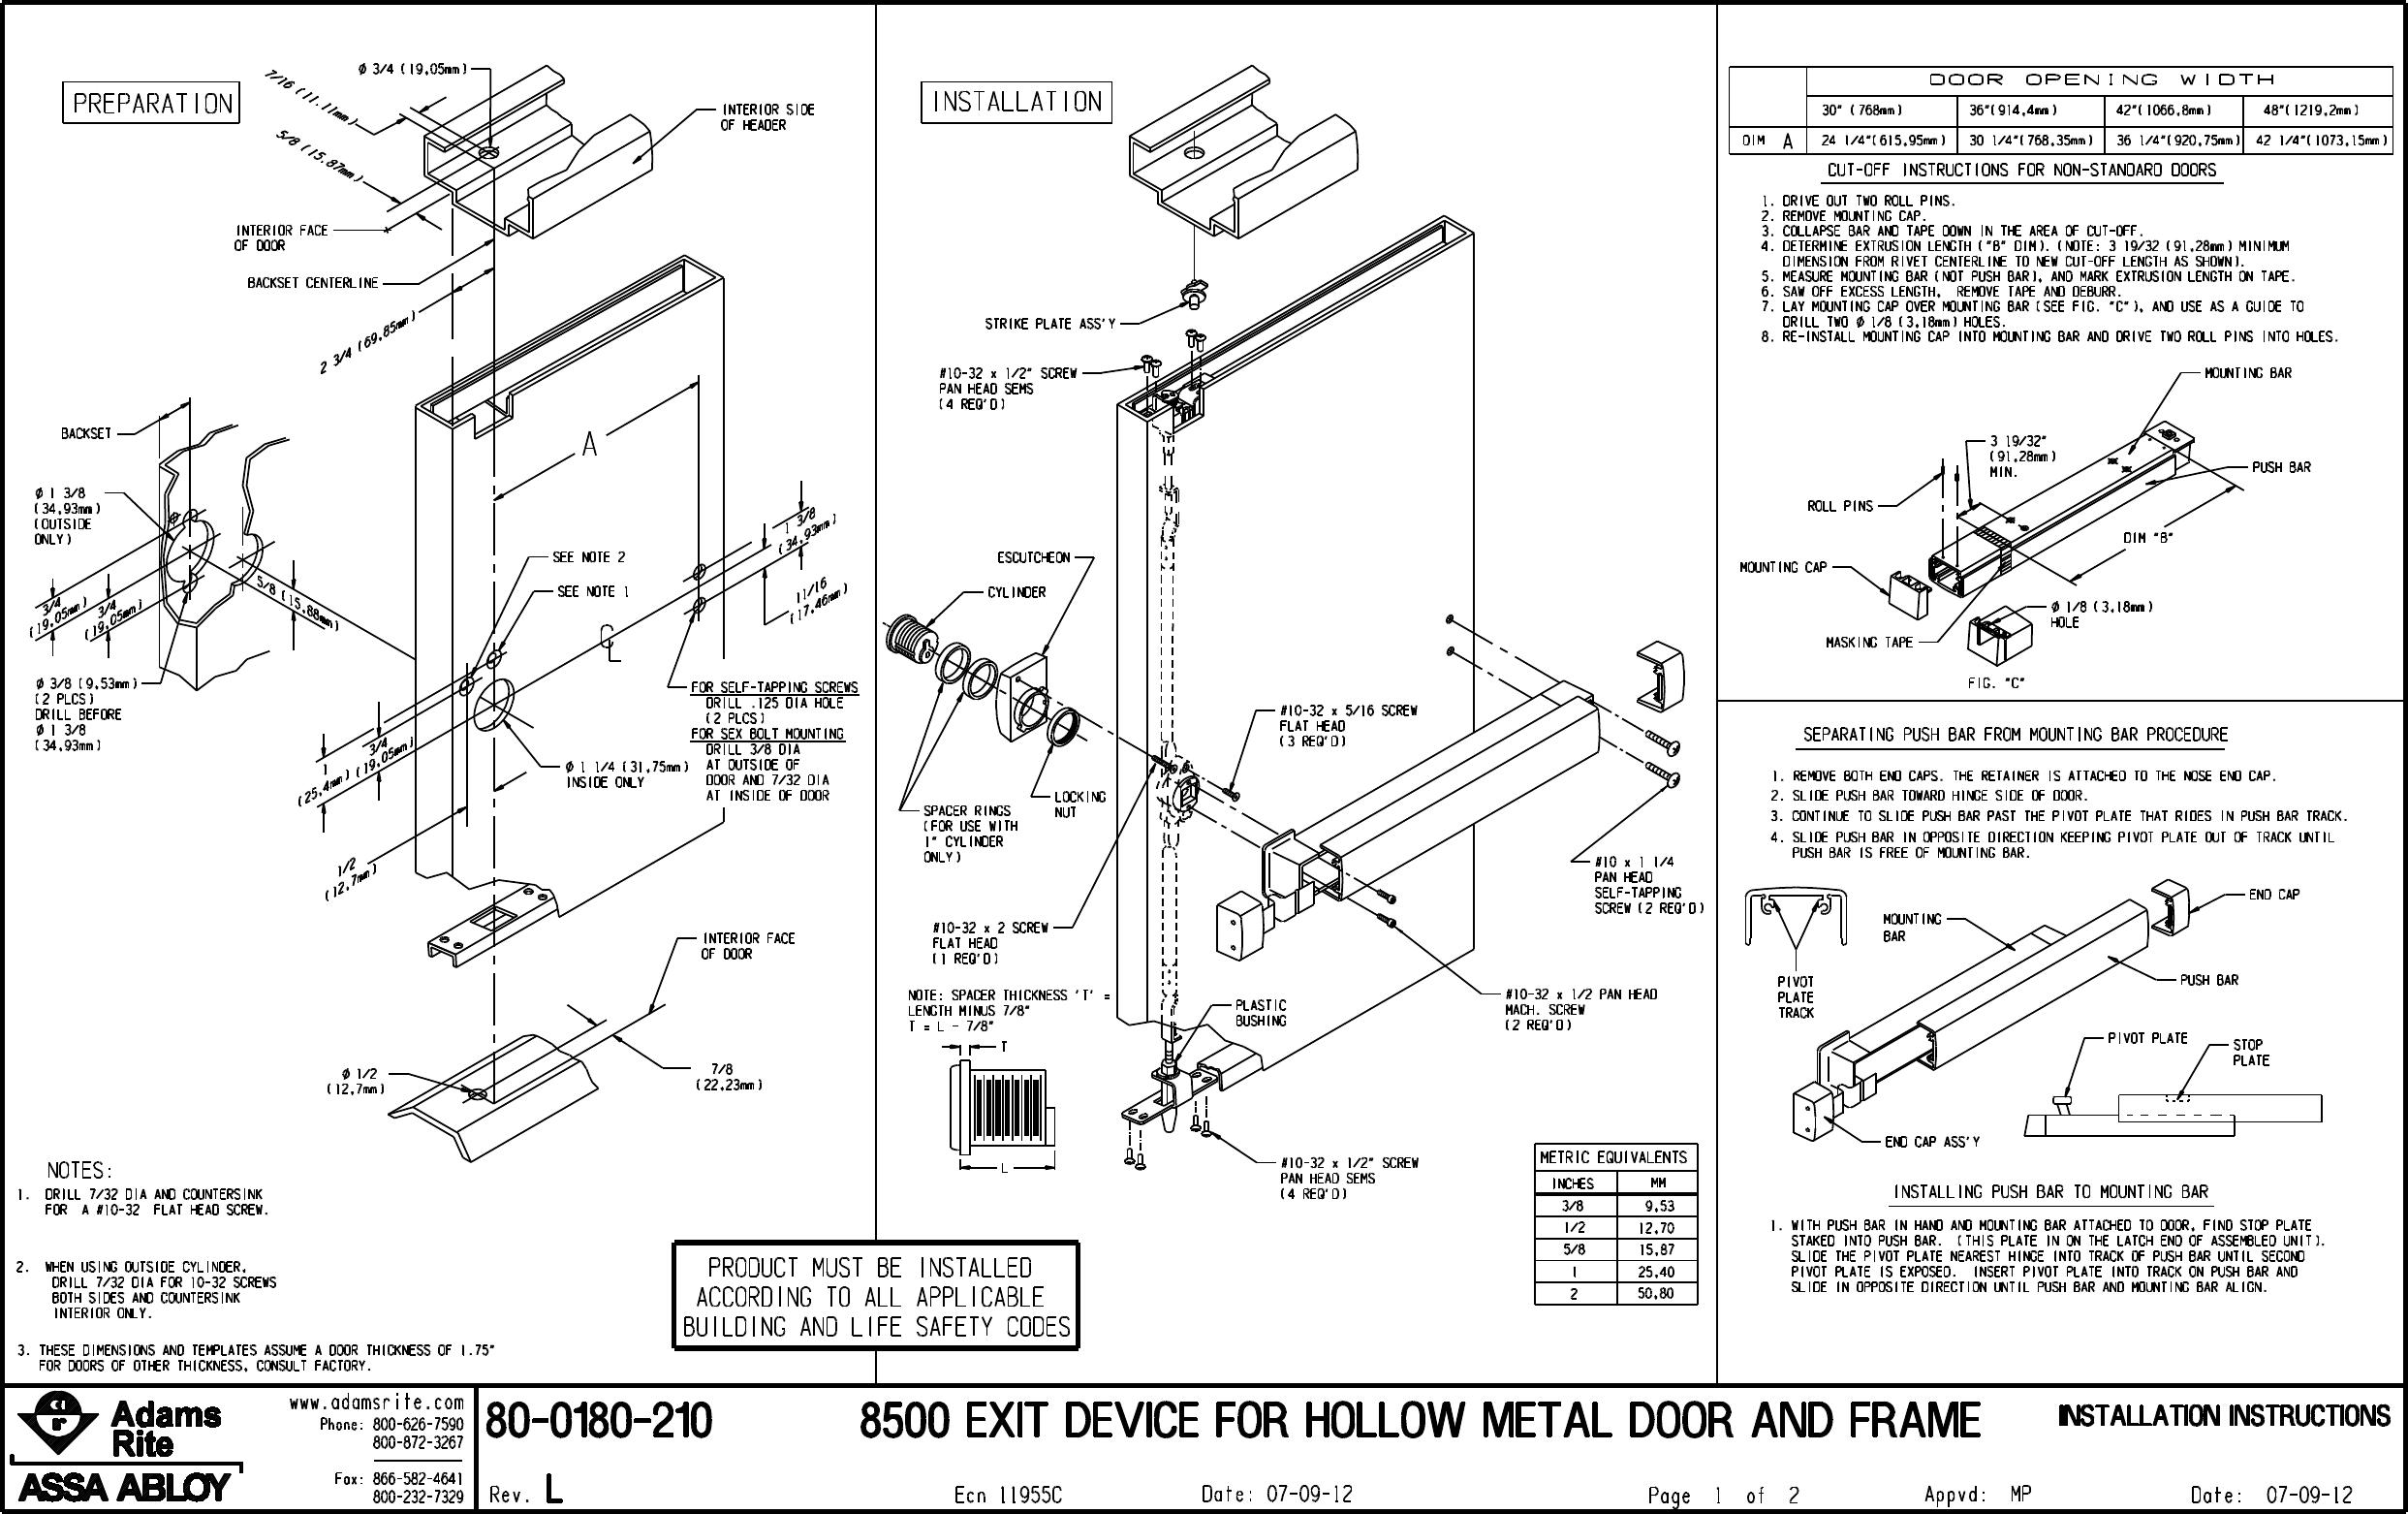 Adams Rite 80 0180 210_L.prt 8500 Exit Device For Hollow Metal Door ...